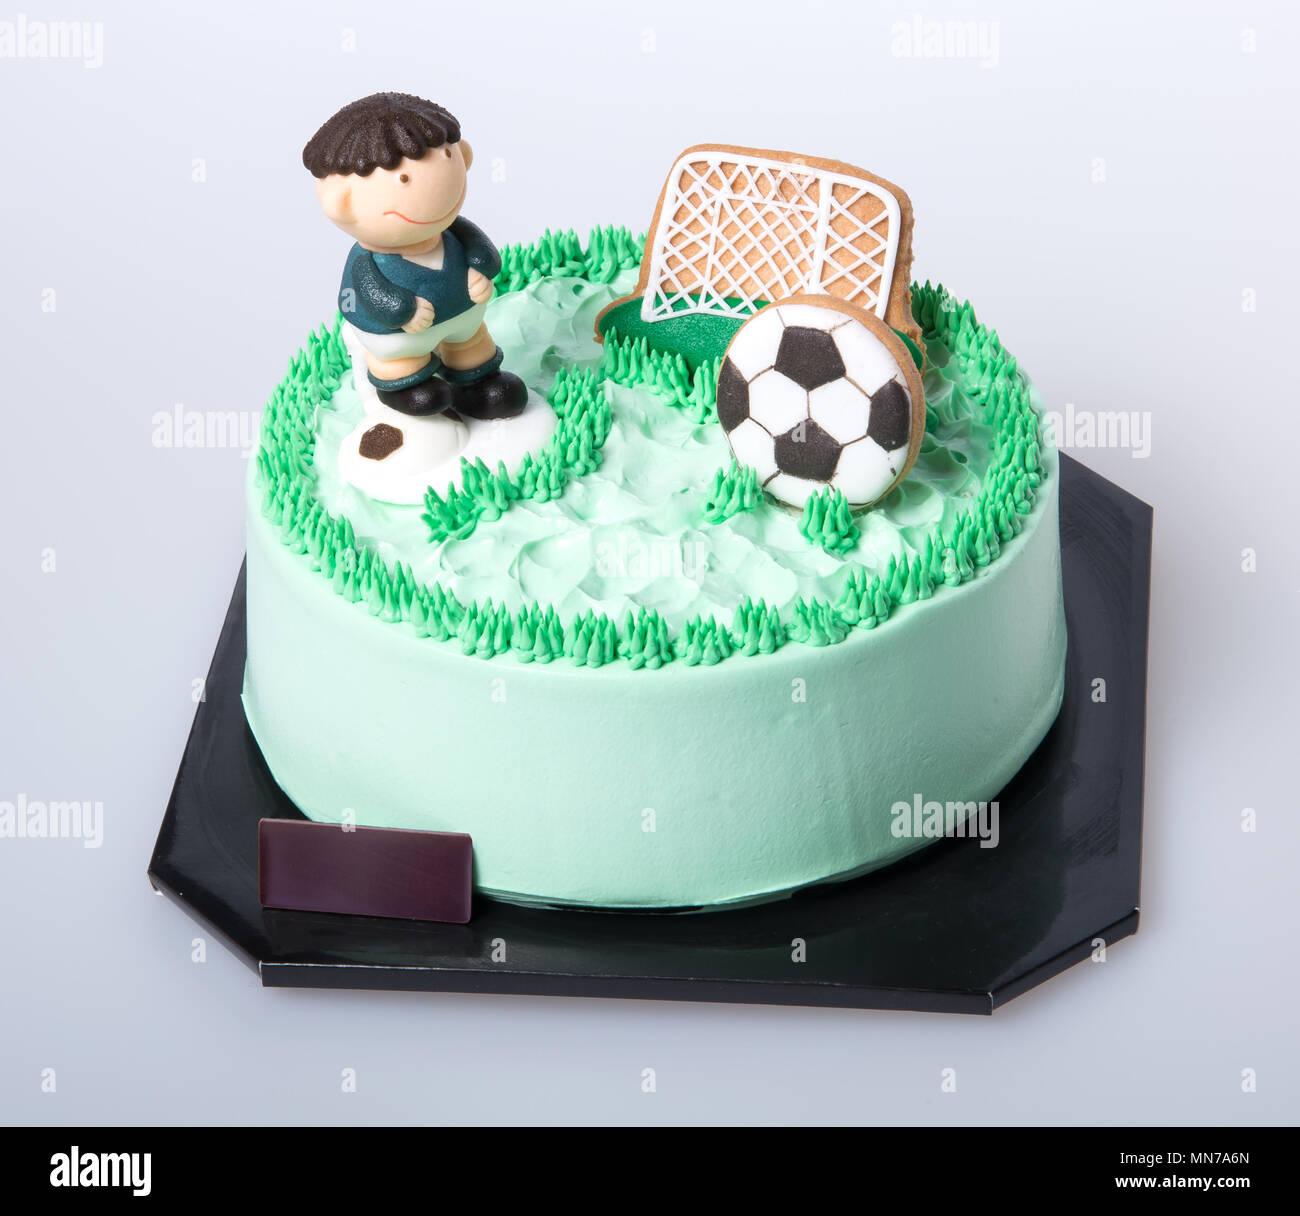 Kuchen Oder Fussball Kuchen Auf Einem Hintergrund Stockfoto Bild